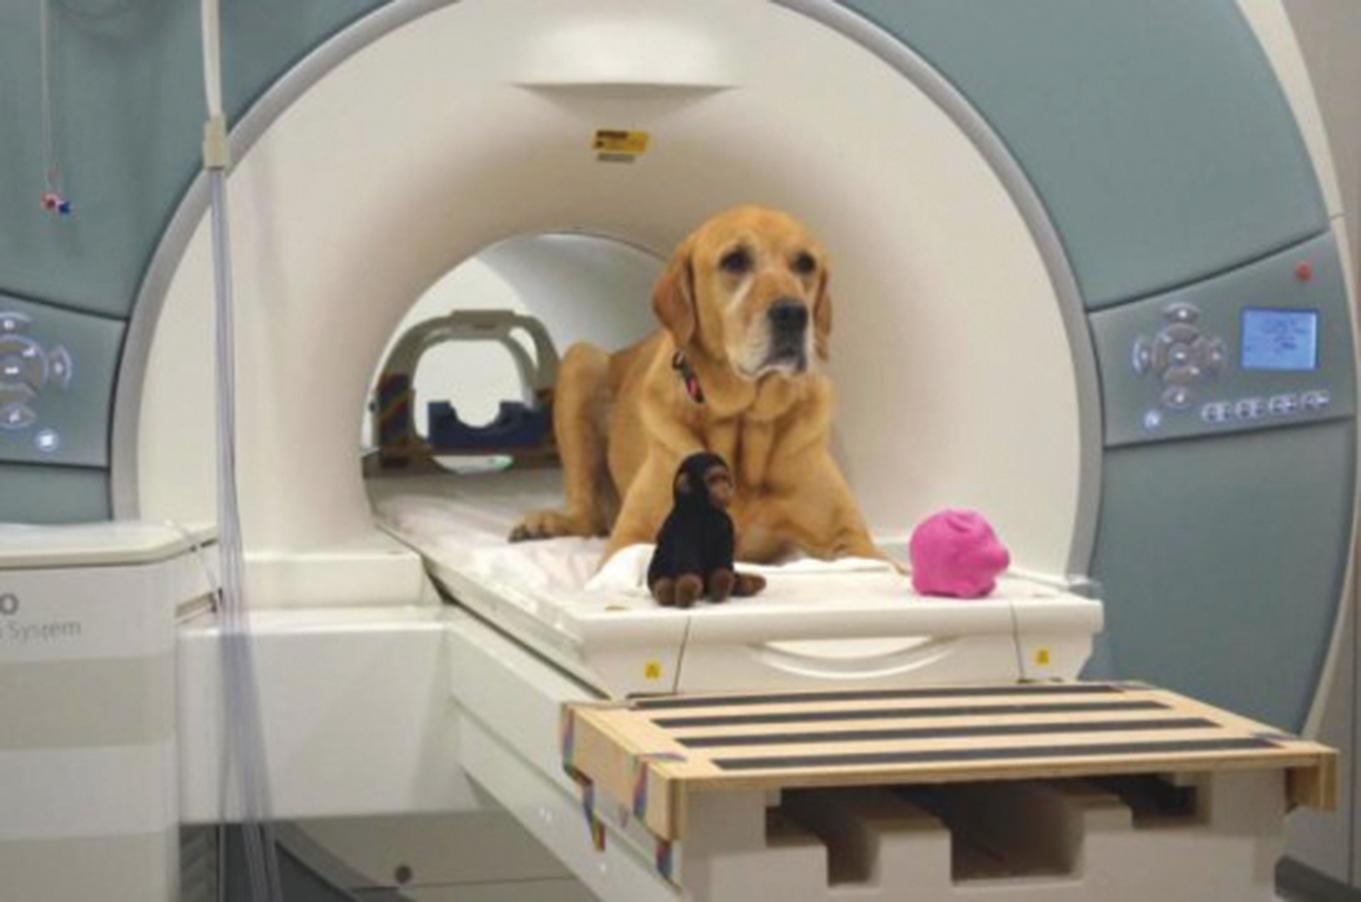 最新研究發現,狗狗具有基本的神經表達能力,大腦可以關連聽到的詞彙和看到的實物,並區分哪些是沒聽過的陌生詞彙。(Photo courtesy Gregory Berns, Emory University)